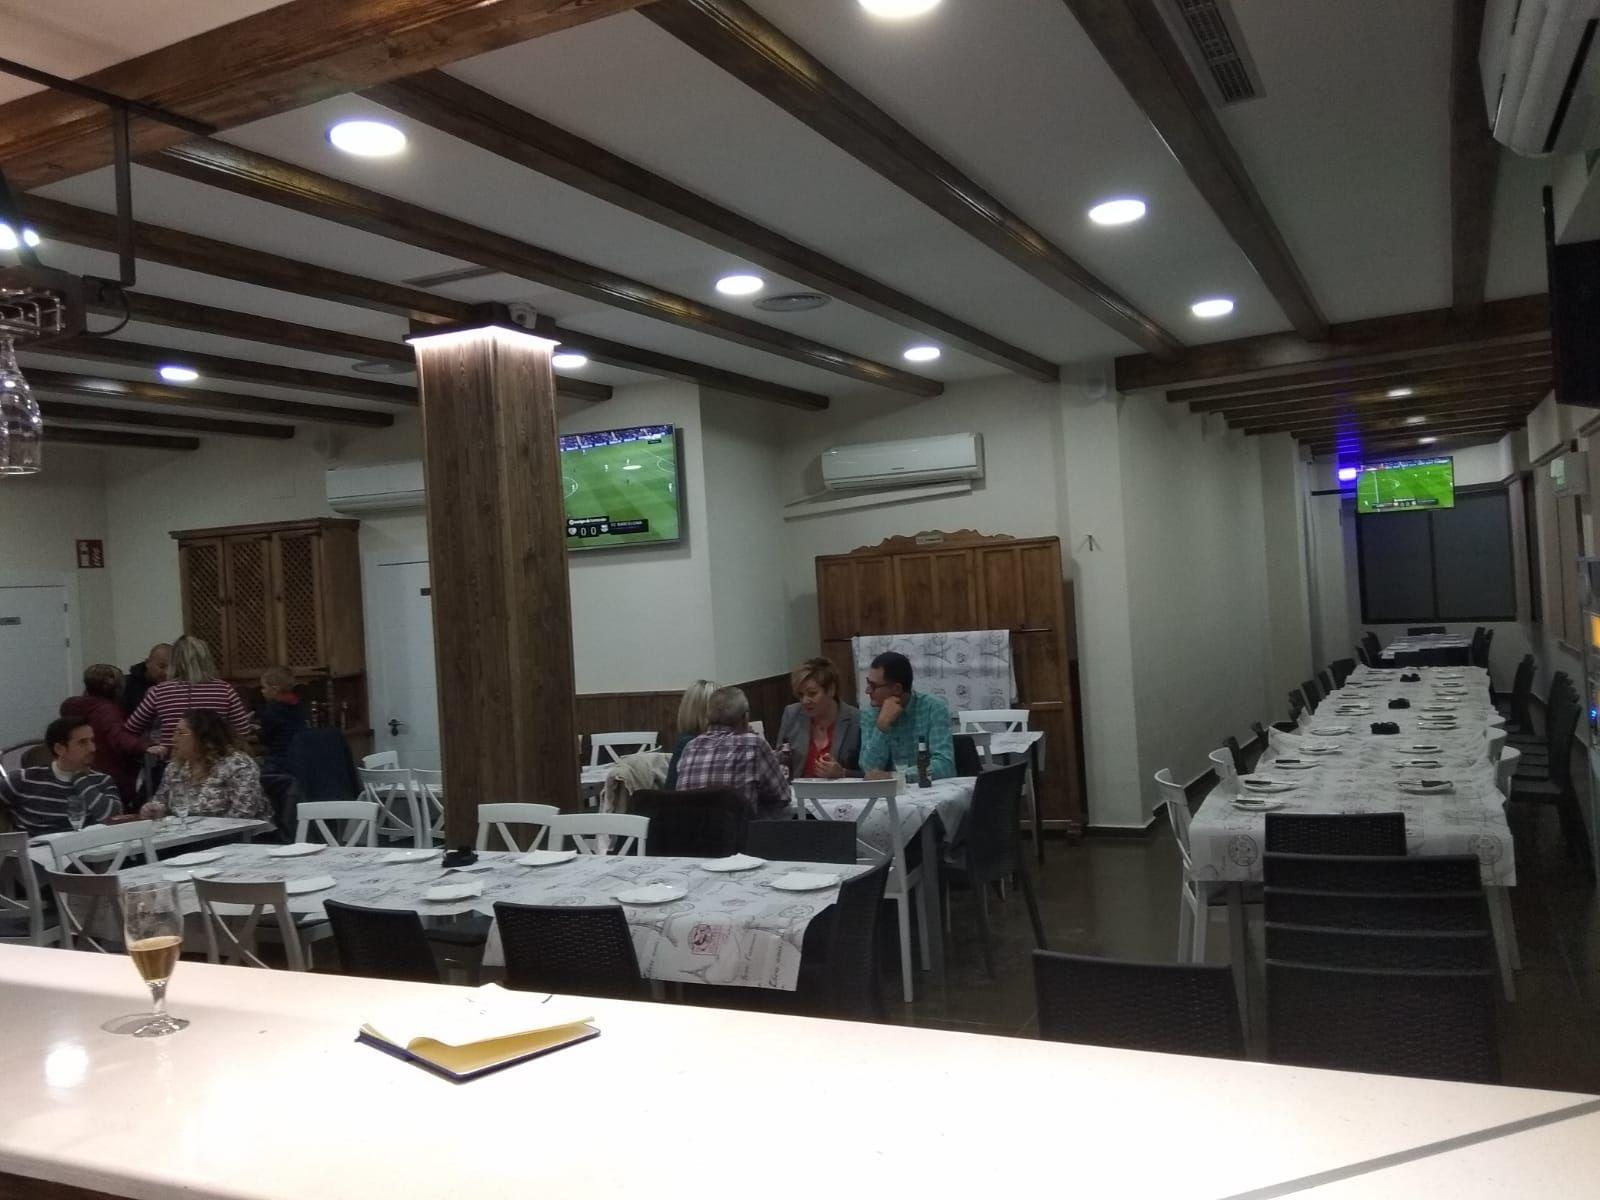 Restaurante con comidas caseras en Albacete